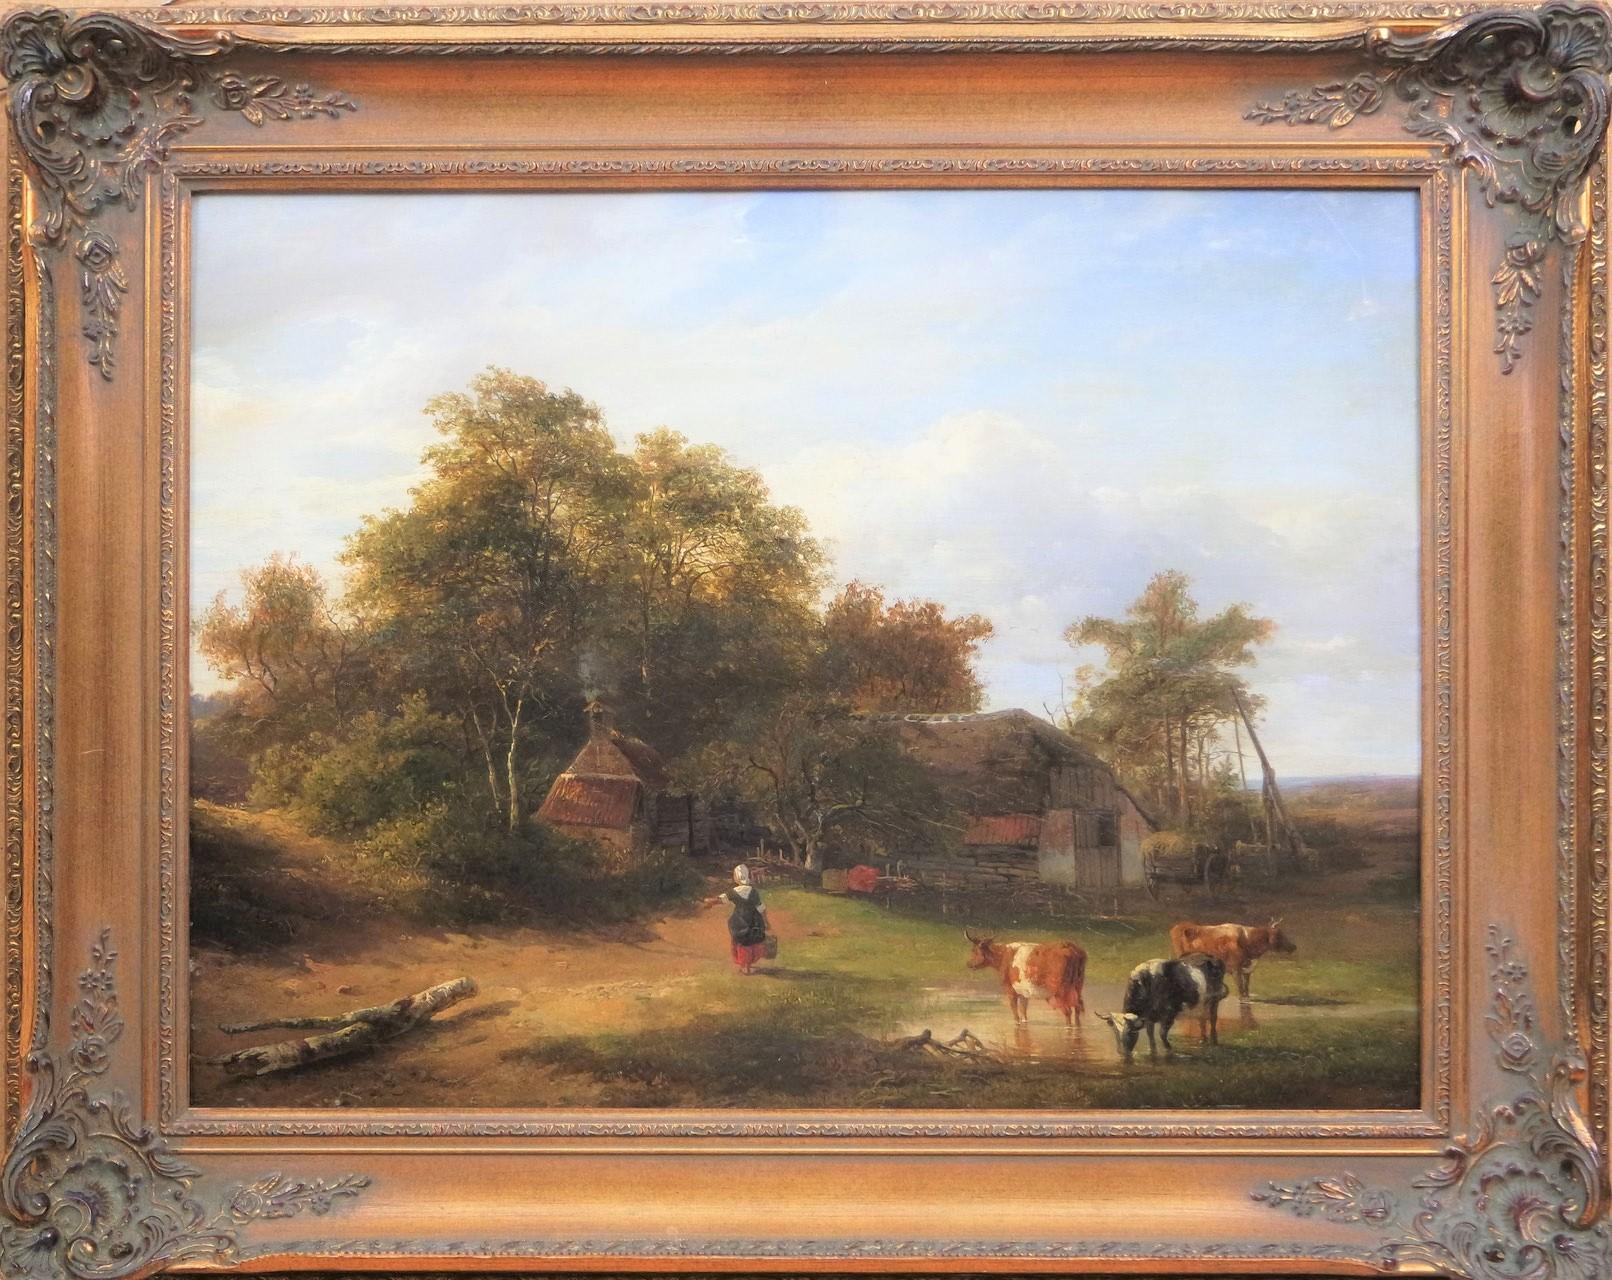 te_koop_aangeboden_een_landschaps_schilderij_met_vee_van_de_nederlandse_kunstschilder_willem_roelofs_1822-1897_haagse_school